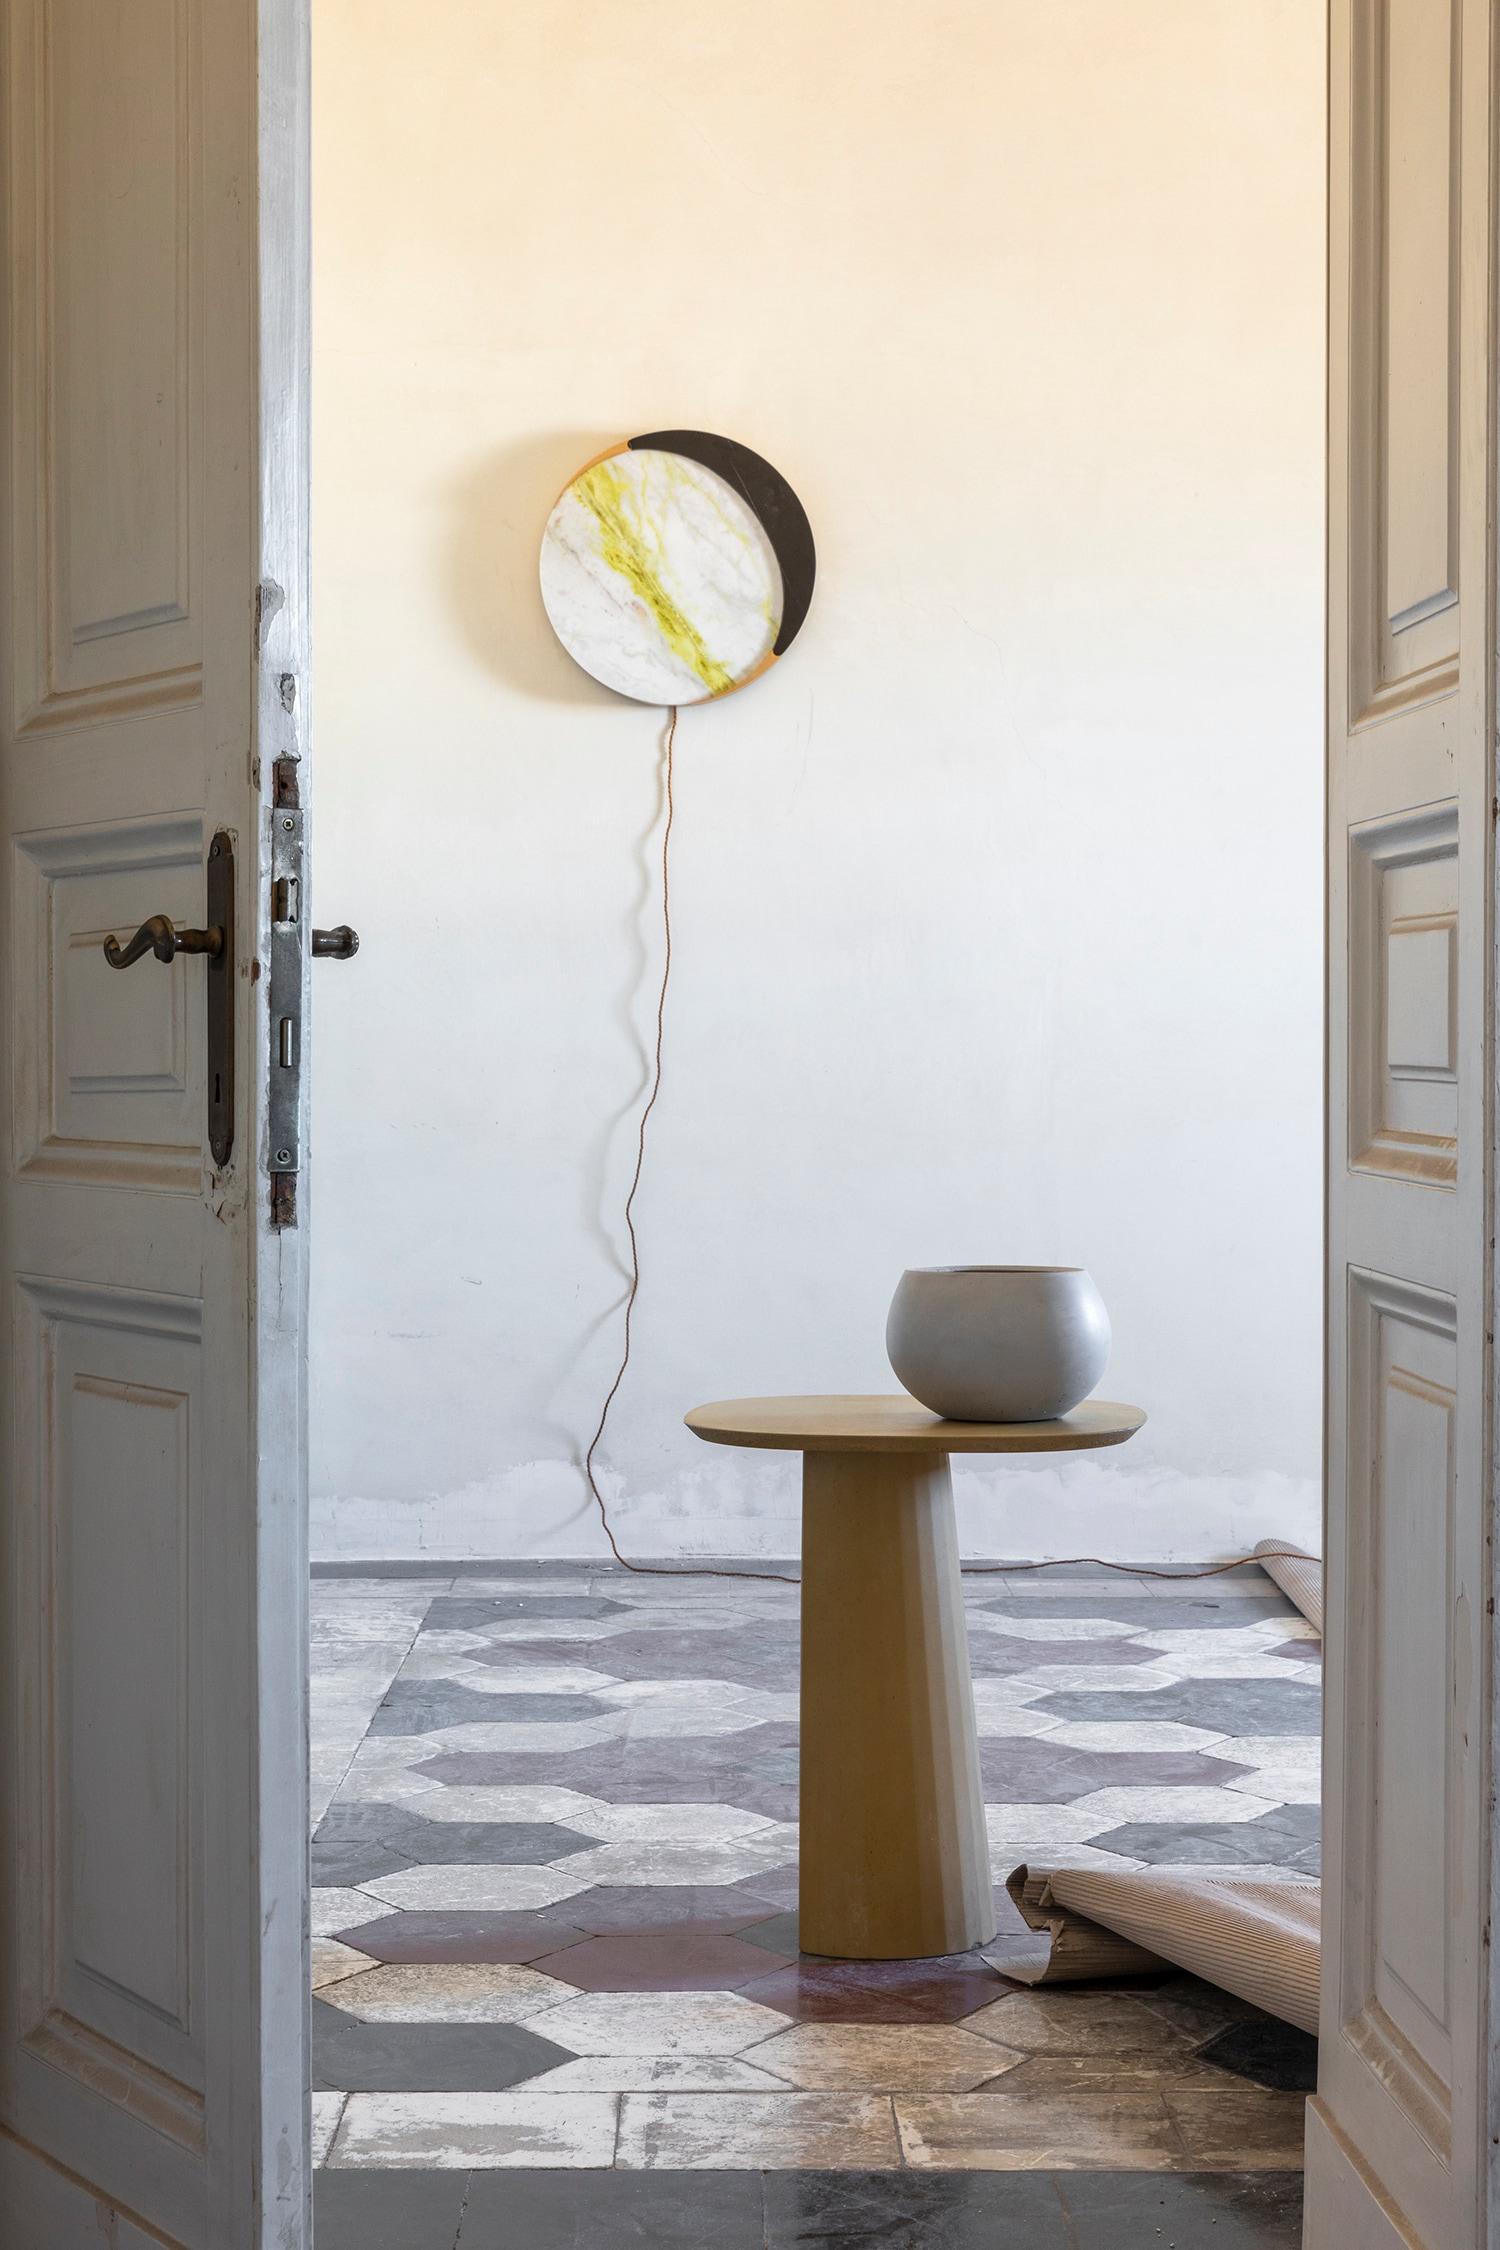 L'Apartamento, lampada a muro Lua by Ocra Studio (Isabella Garbagnati e Stefania Loschi); Forma&Cemento Fusto coffee table by Studio Irvine, Vaso Zazen by Forma&Cemento. (foto di Serena Eller)